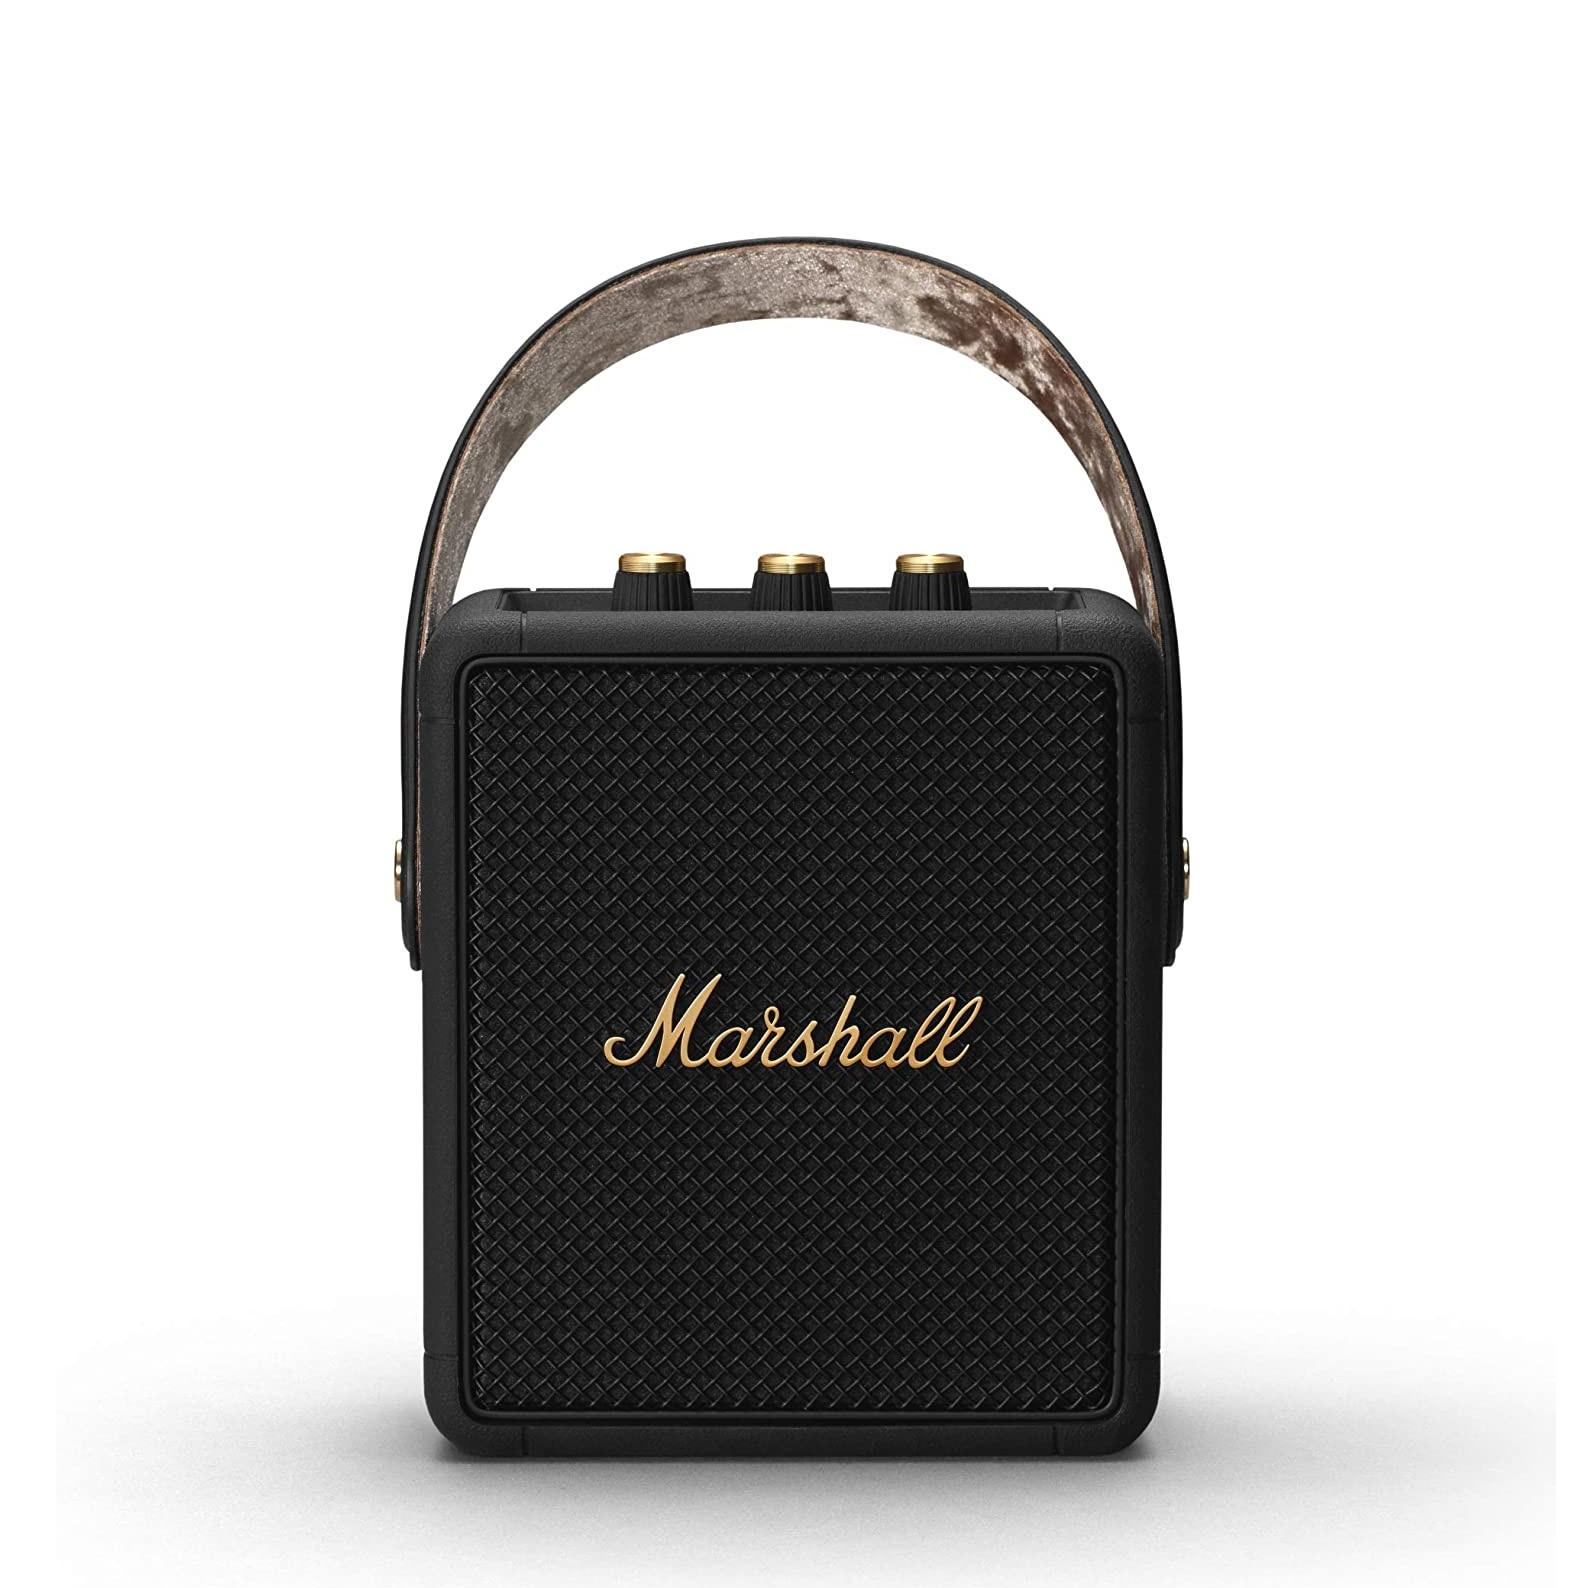 低价!马歇尔 便携式无线蓝牙音箱